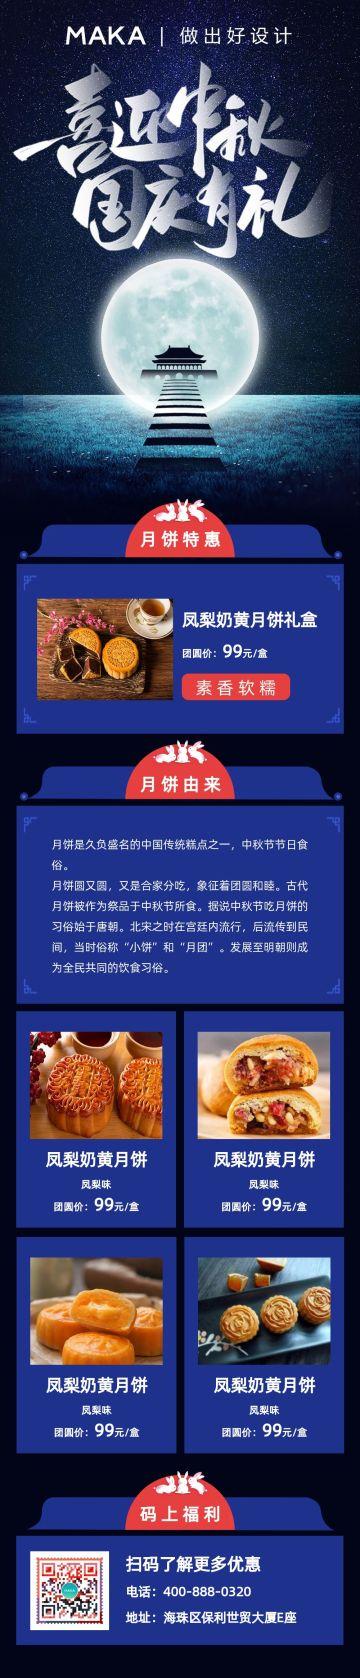 蓝黑色中国风中秋国庆促销文章长图